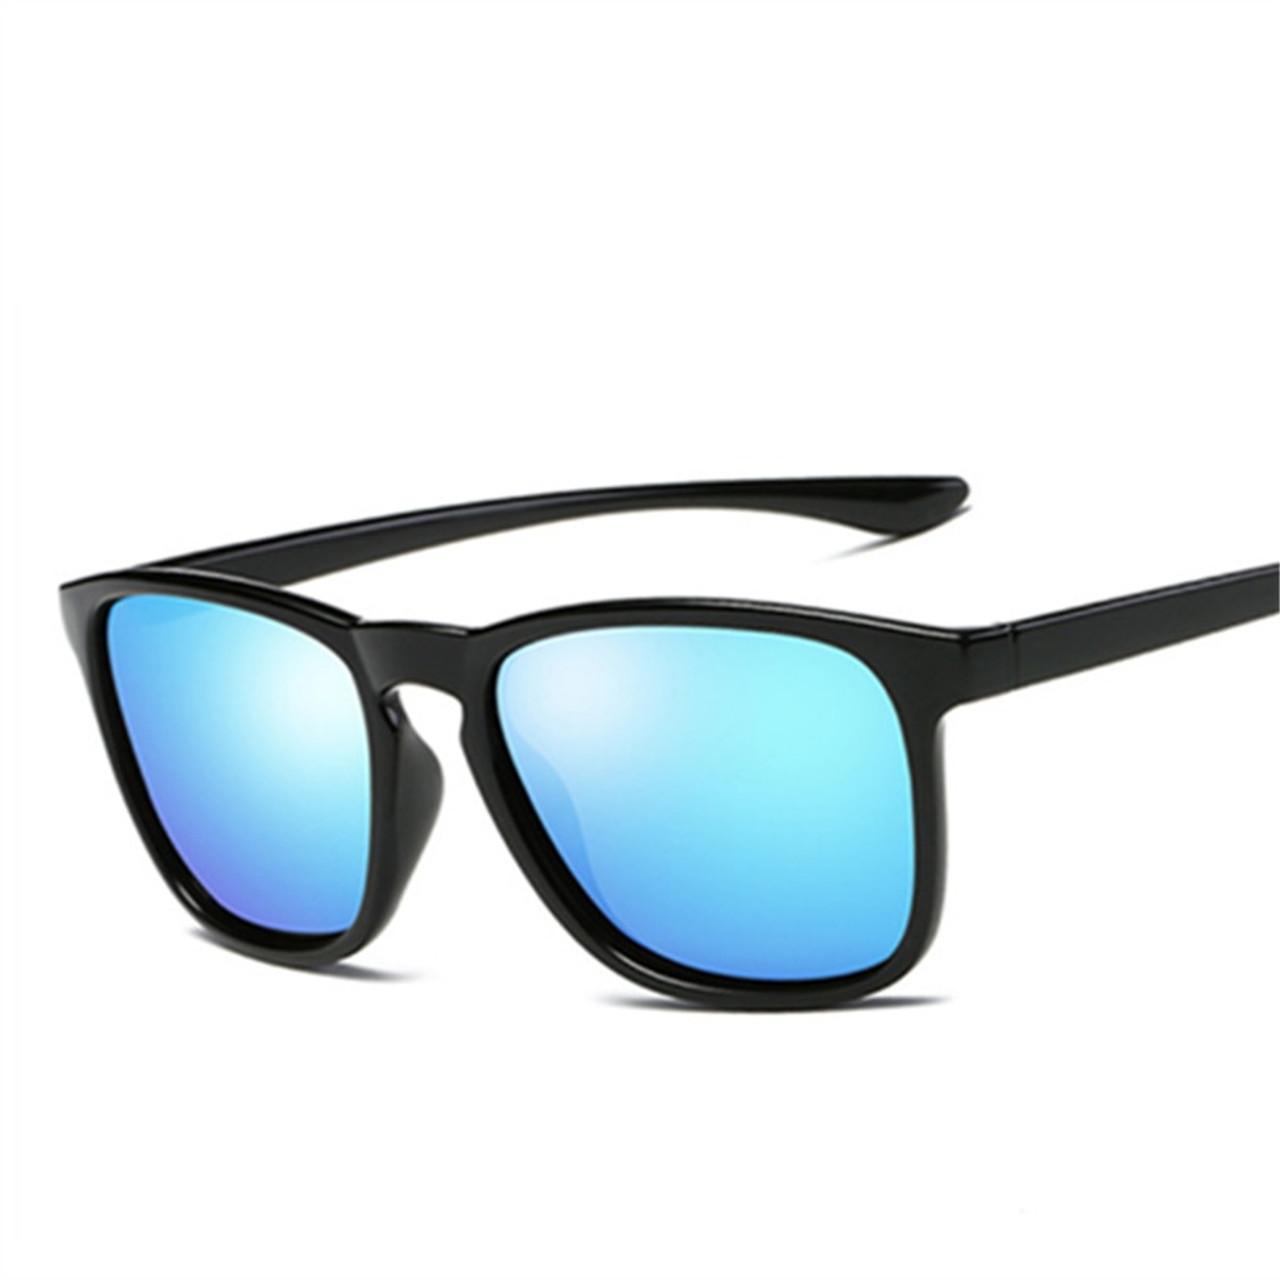 66973604254 Driving Sunglasses Men Polarized Sunglasses Masculine Glasses UV400 Goggles  Shades Fashion Sun Glasses Women ...